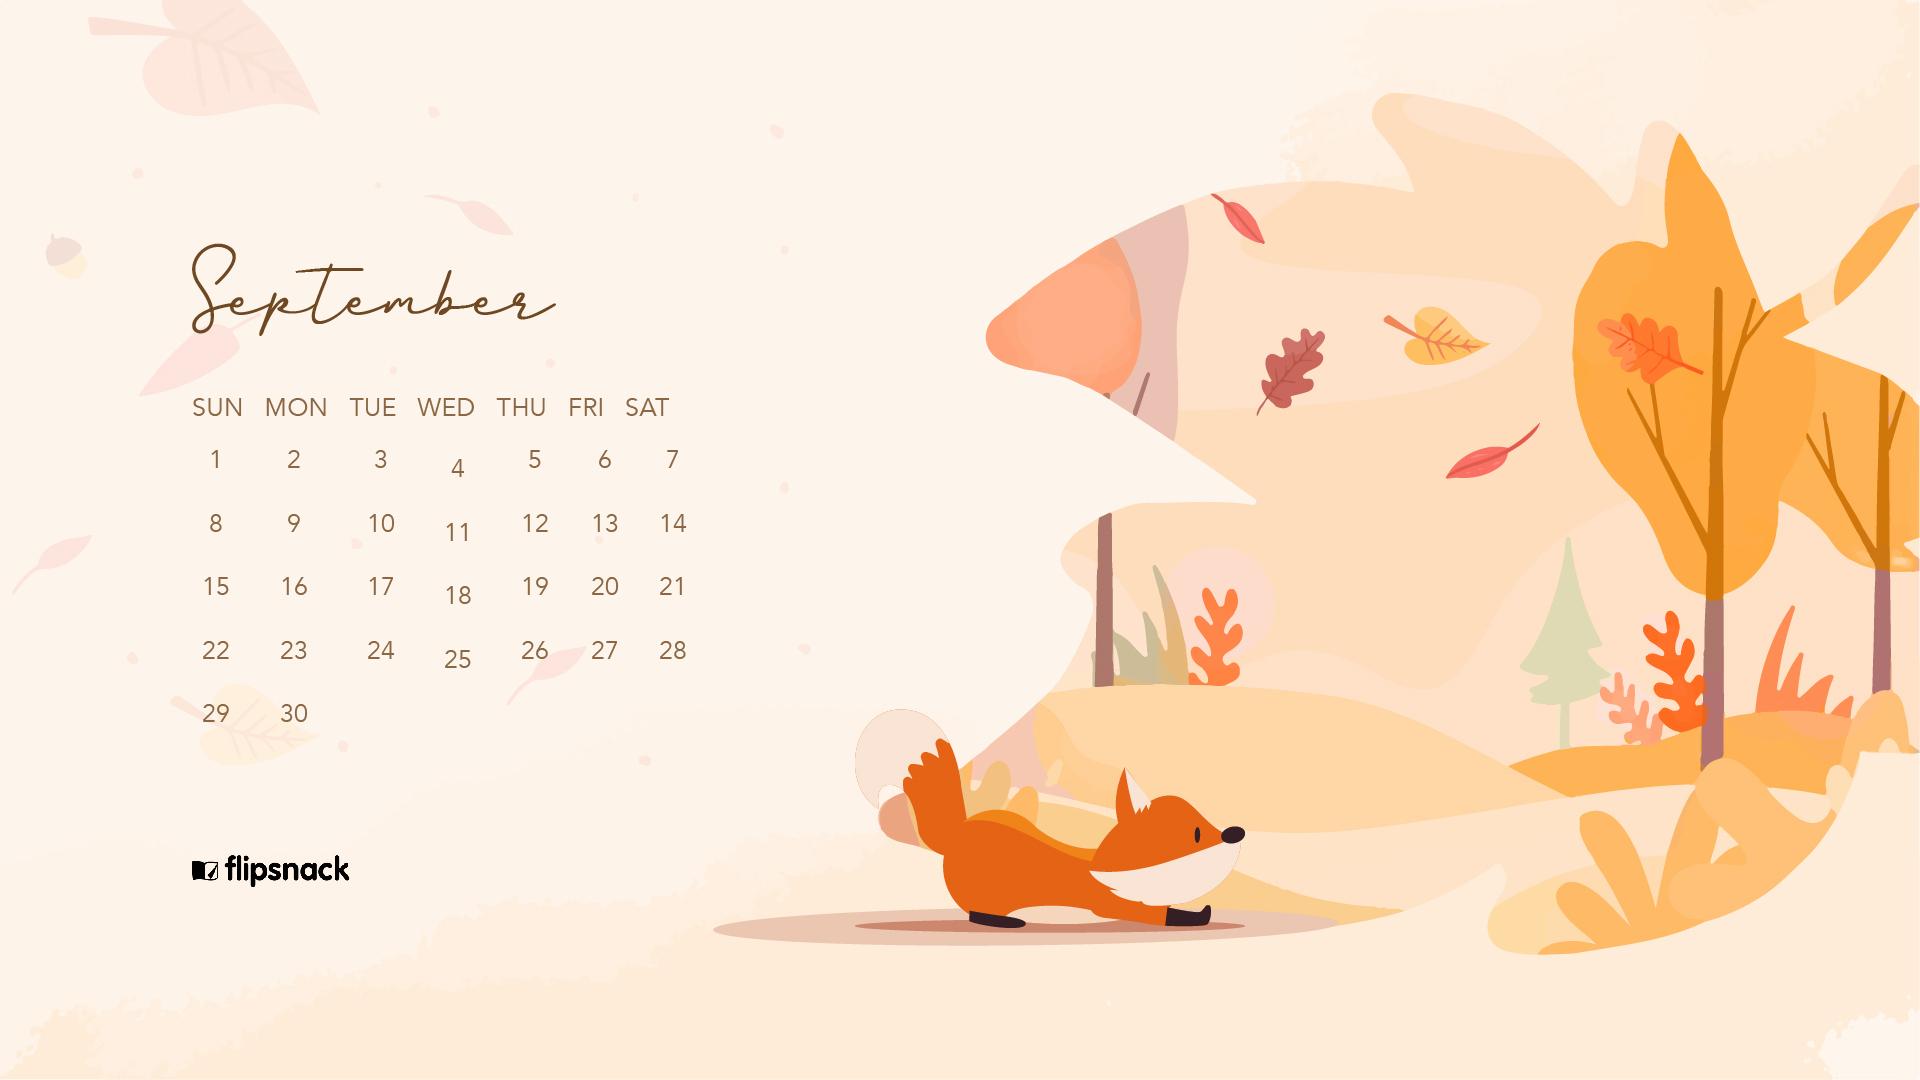 Free September 2019 Wallpaper Calendars Flipsnack Blog